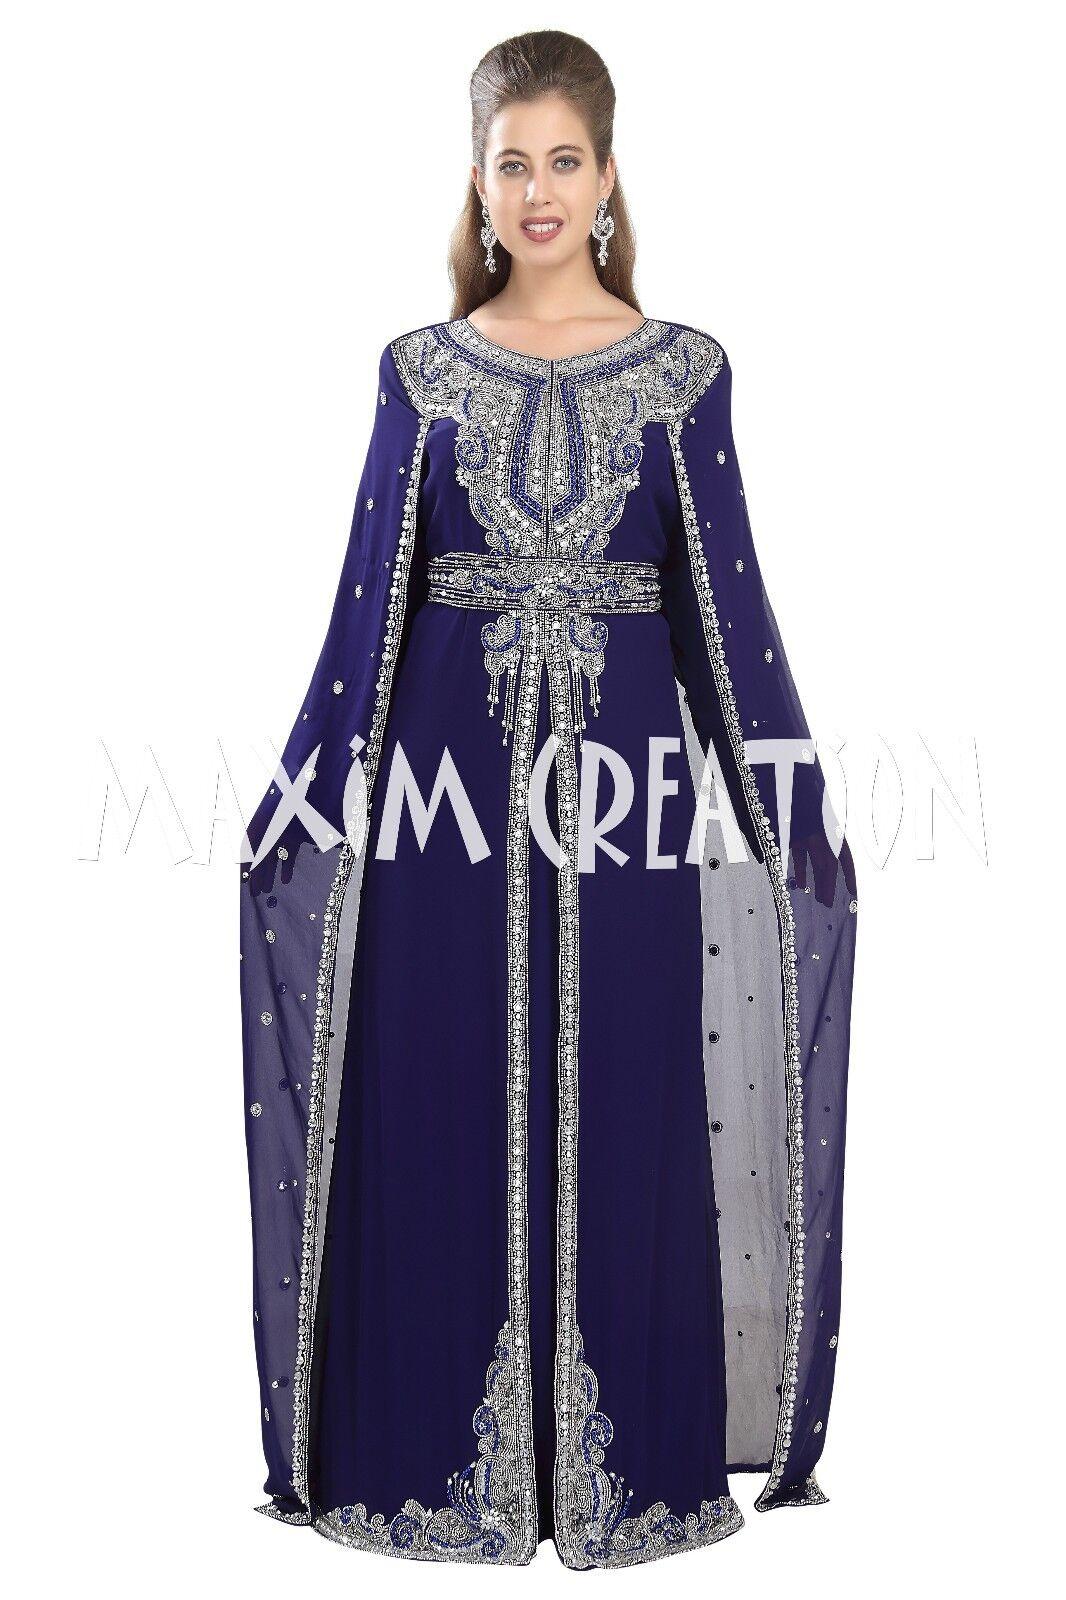 1670046d9ff7 NAVY BLUE KAFTAN ABAYA BY MAXIM CREATION TAKSHITA ARABIAN WEDDING GOWN 5531  фото